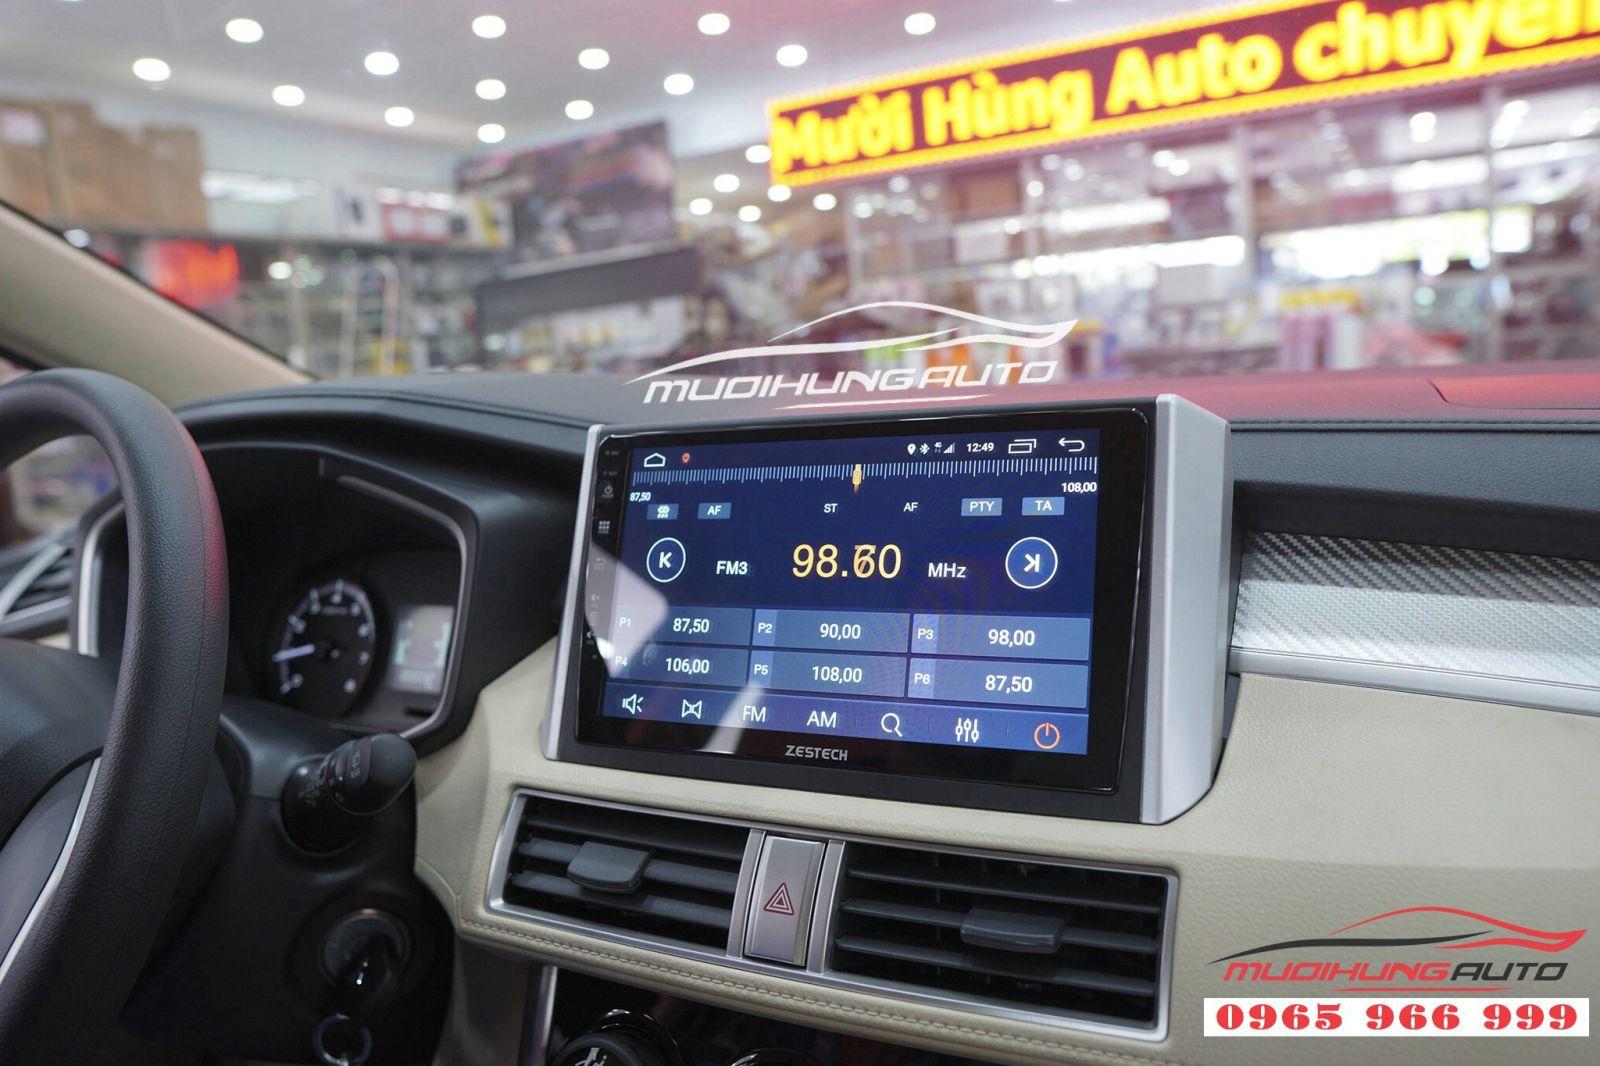 DVD Zestech Z500 khuấy động thị trường phụ kiện ô tô 05